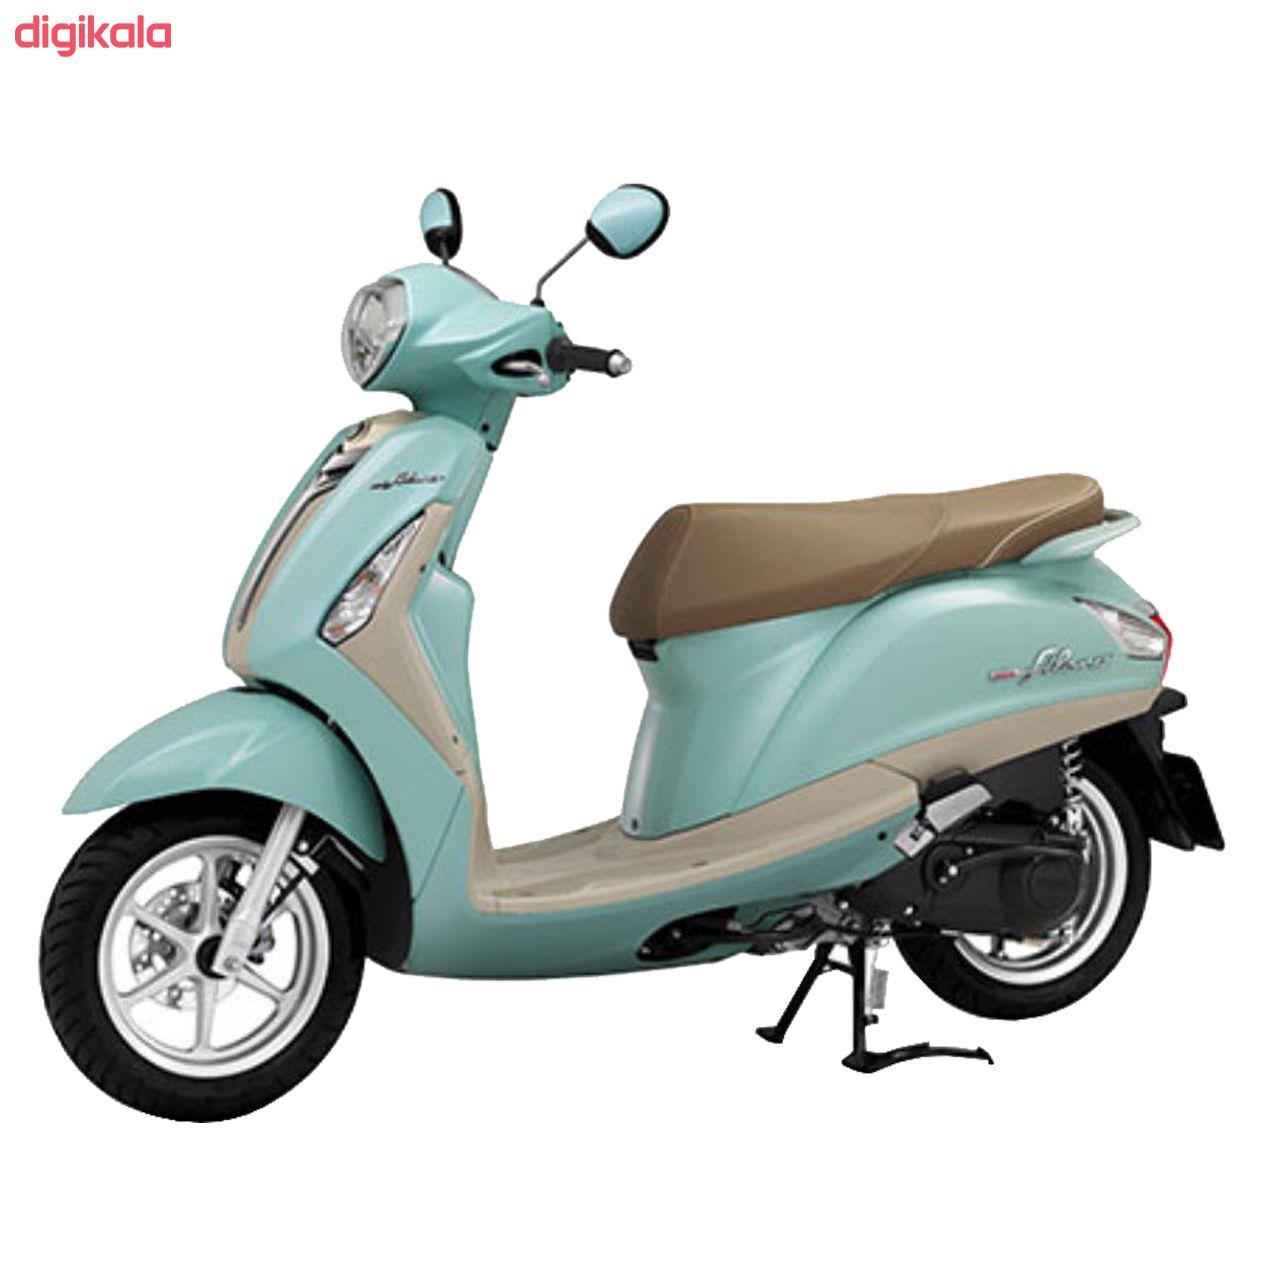 موتورسیکلت یاماها مدل GRAND FILANO استانداردحجم 125 سی سی سال 1399 main 1 4